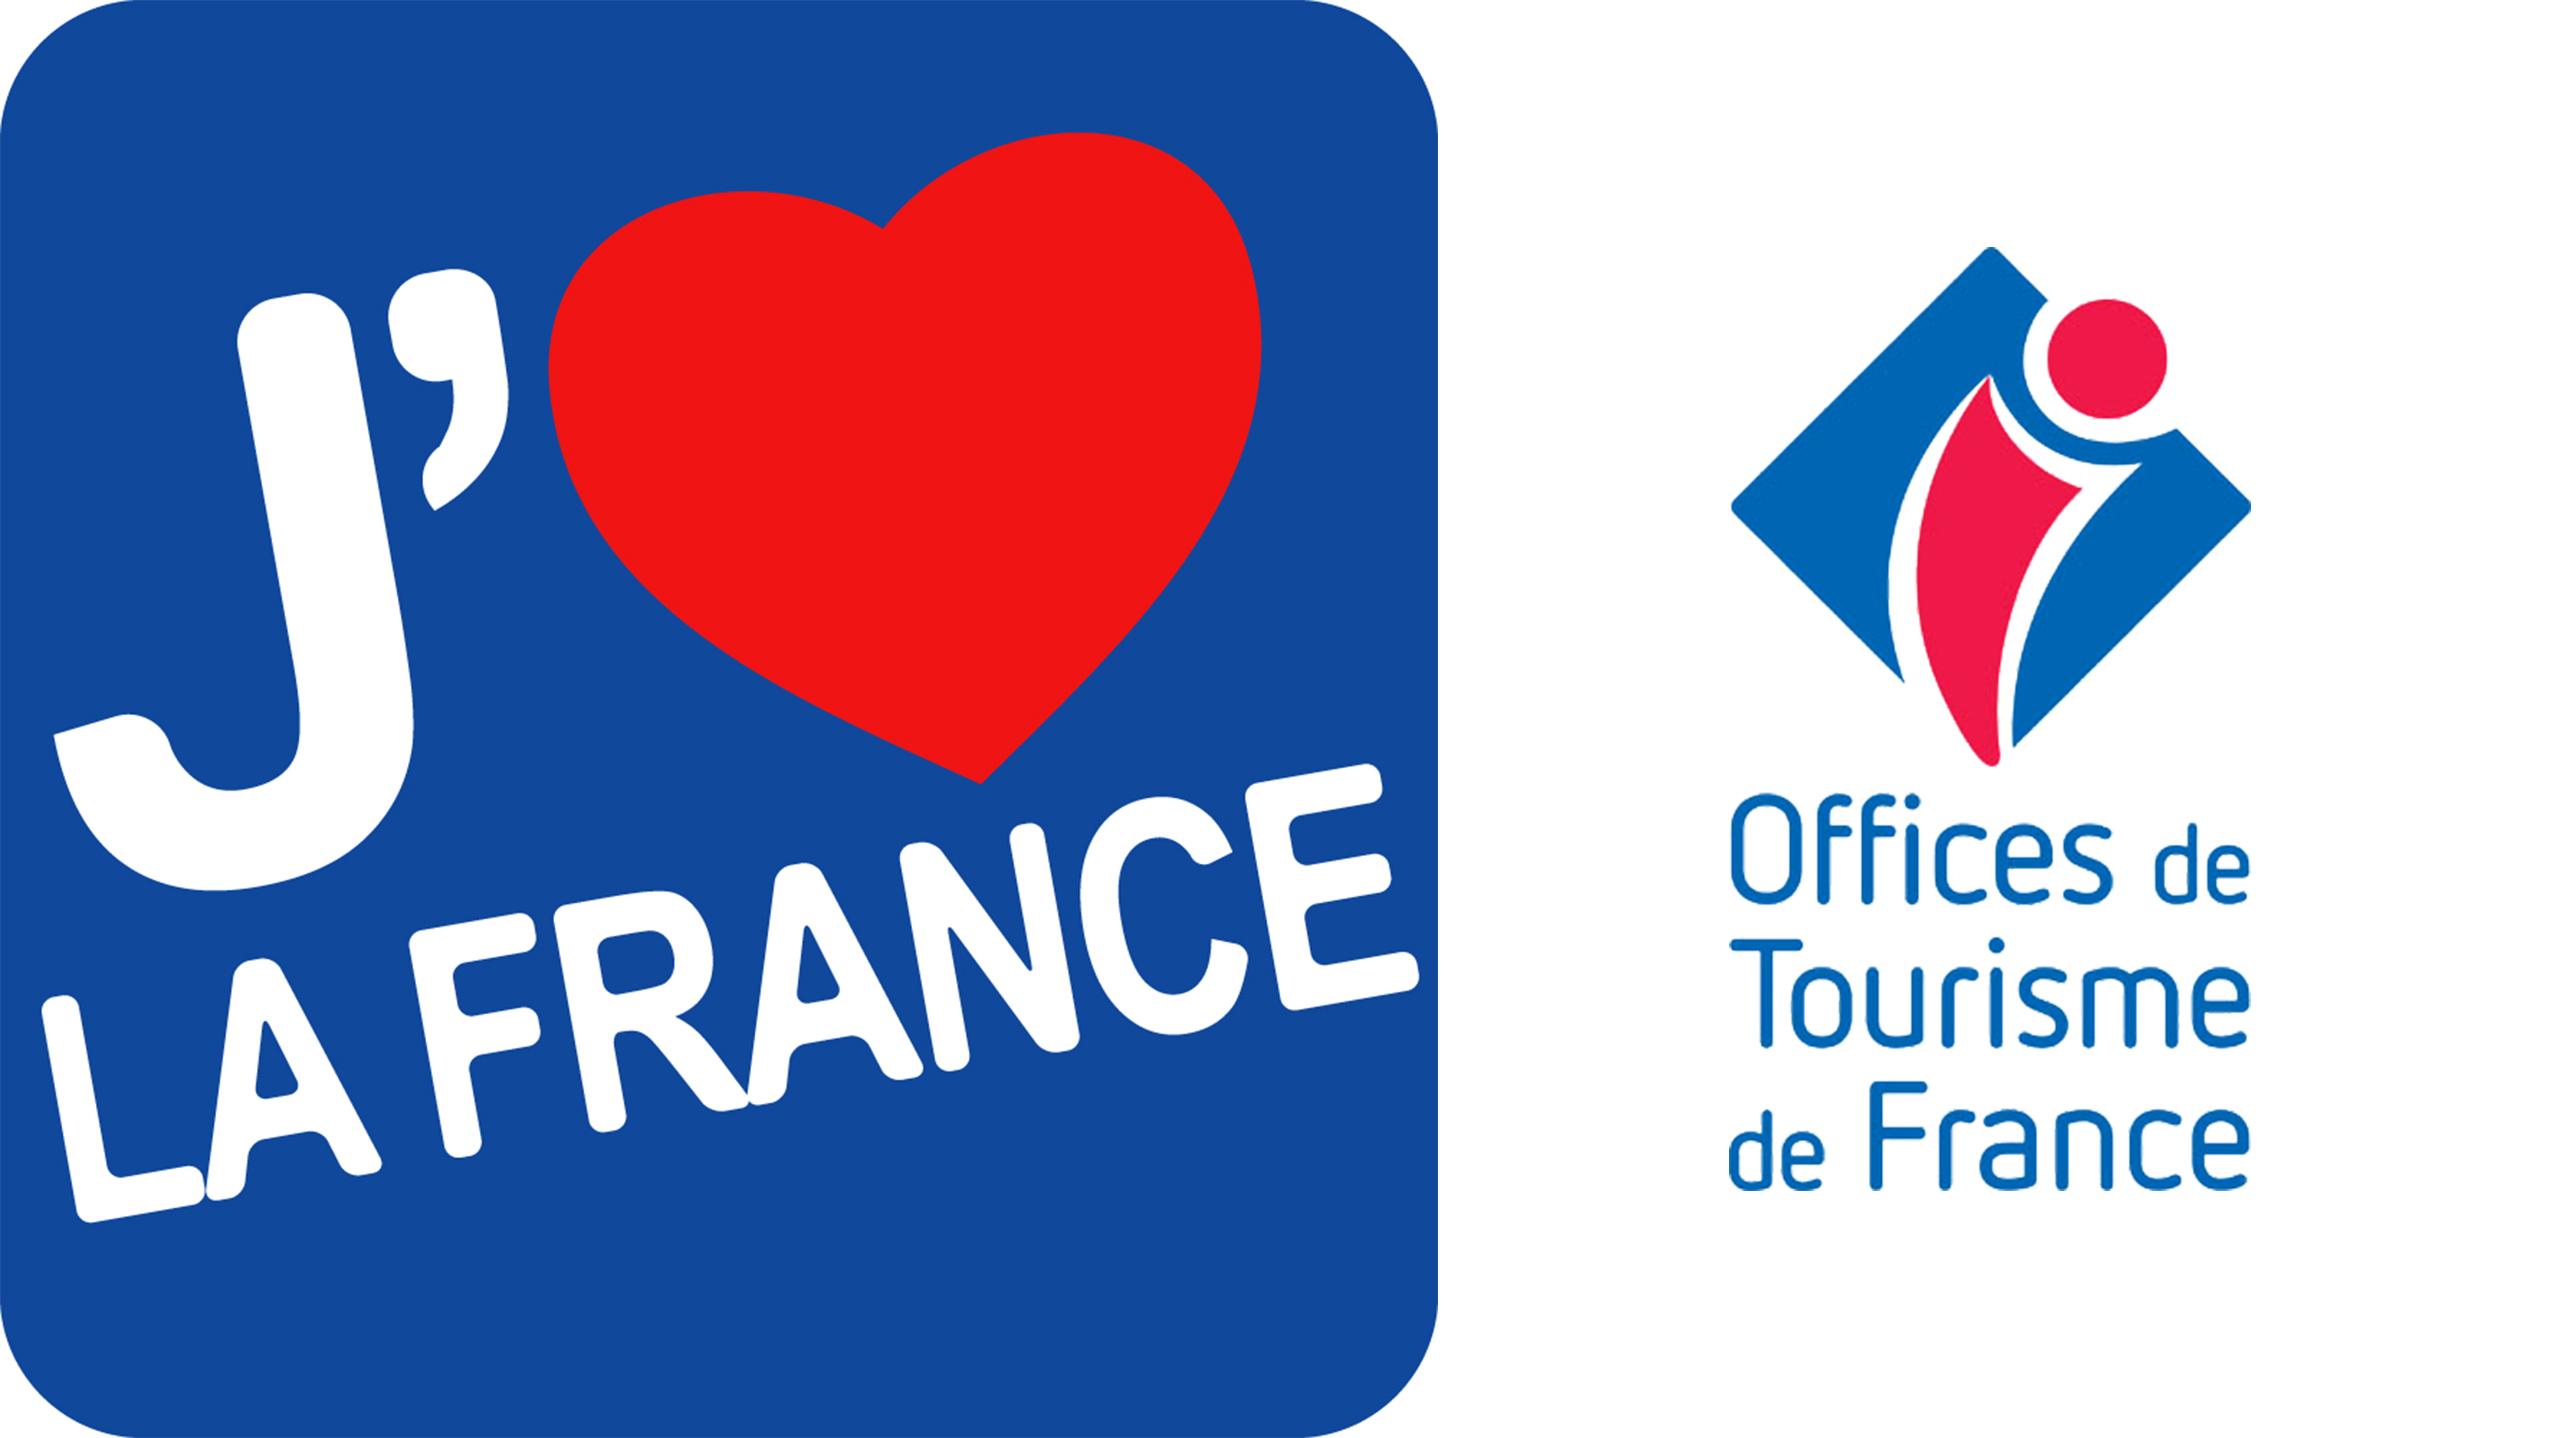 Interview - Office de Tourisme de France